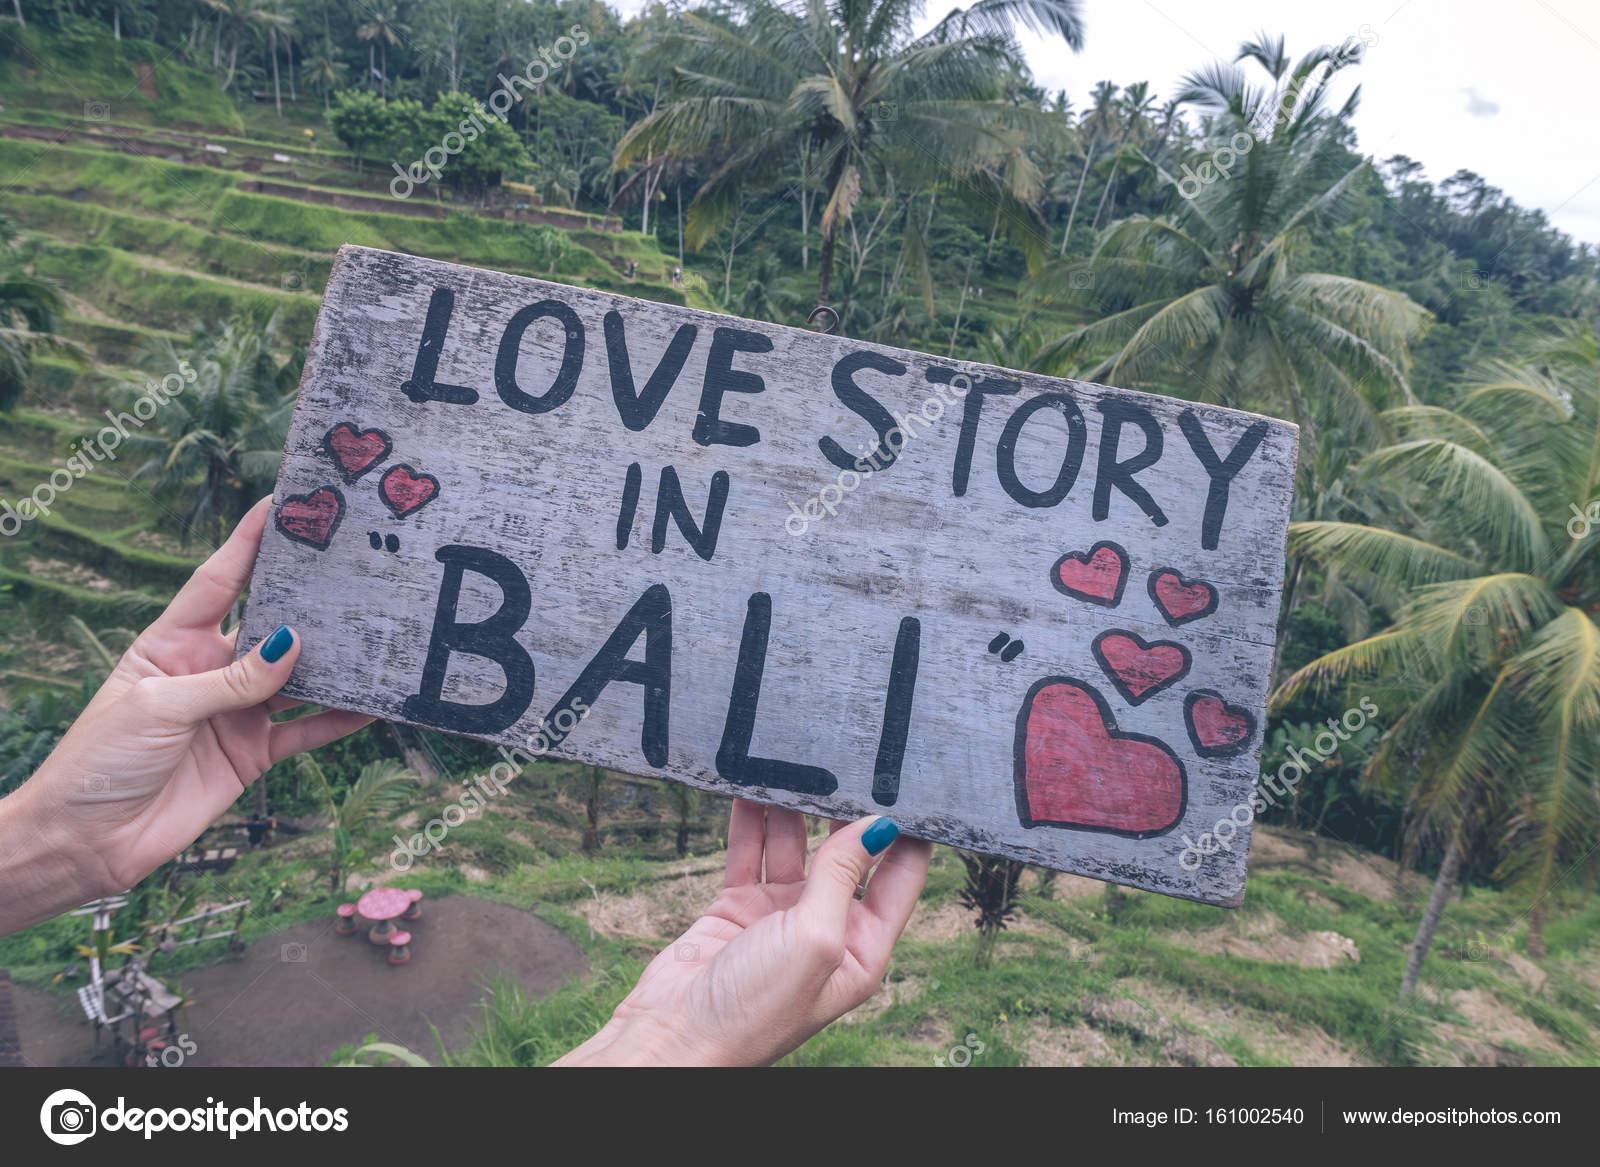 Placa De Madera Con Historia De Amor De Texto En Bali En La